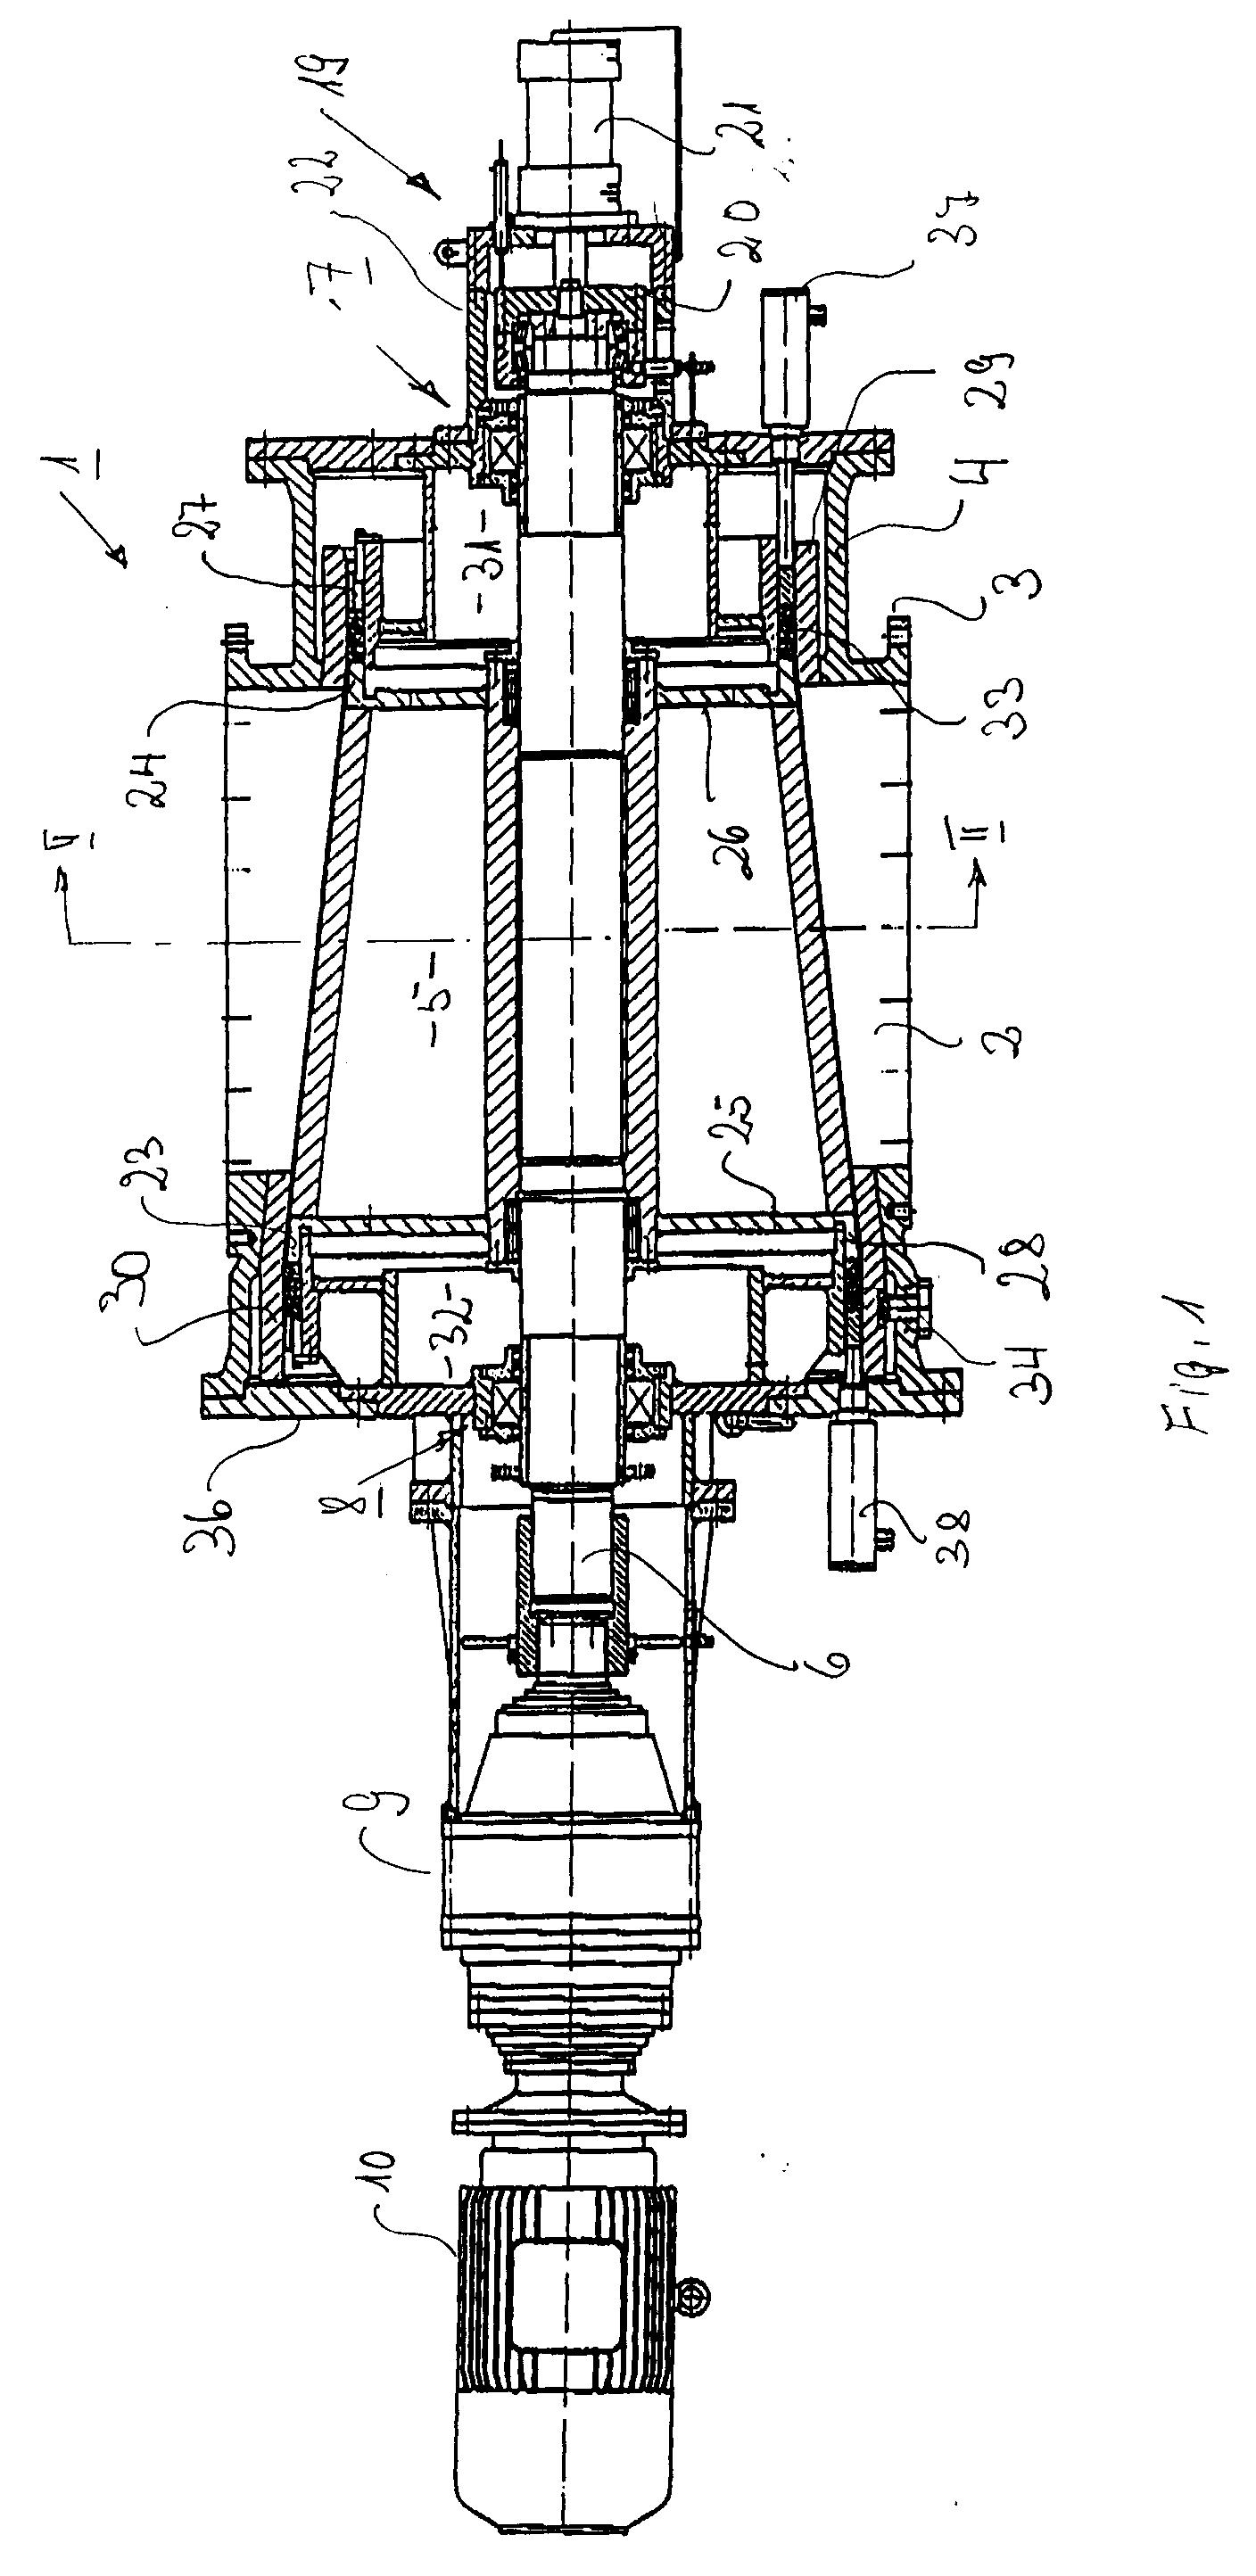 patent ep0732280a1 verfahren und vorrichtung zum abdichten von dampftrocknern bei ein und. Black Bedroom Furniture Sets. Home Design Ideas